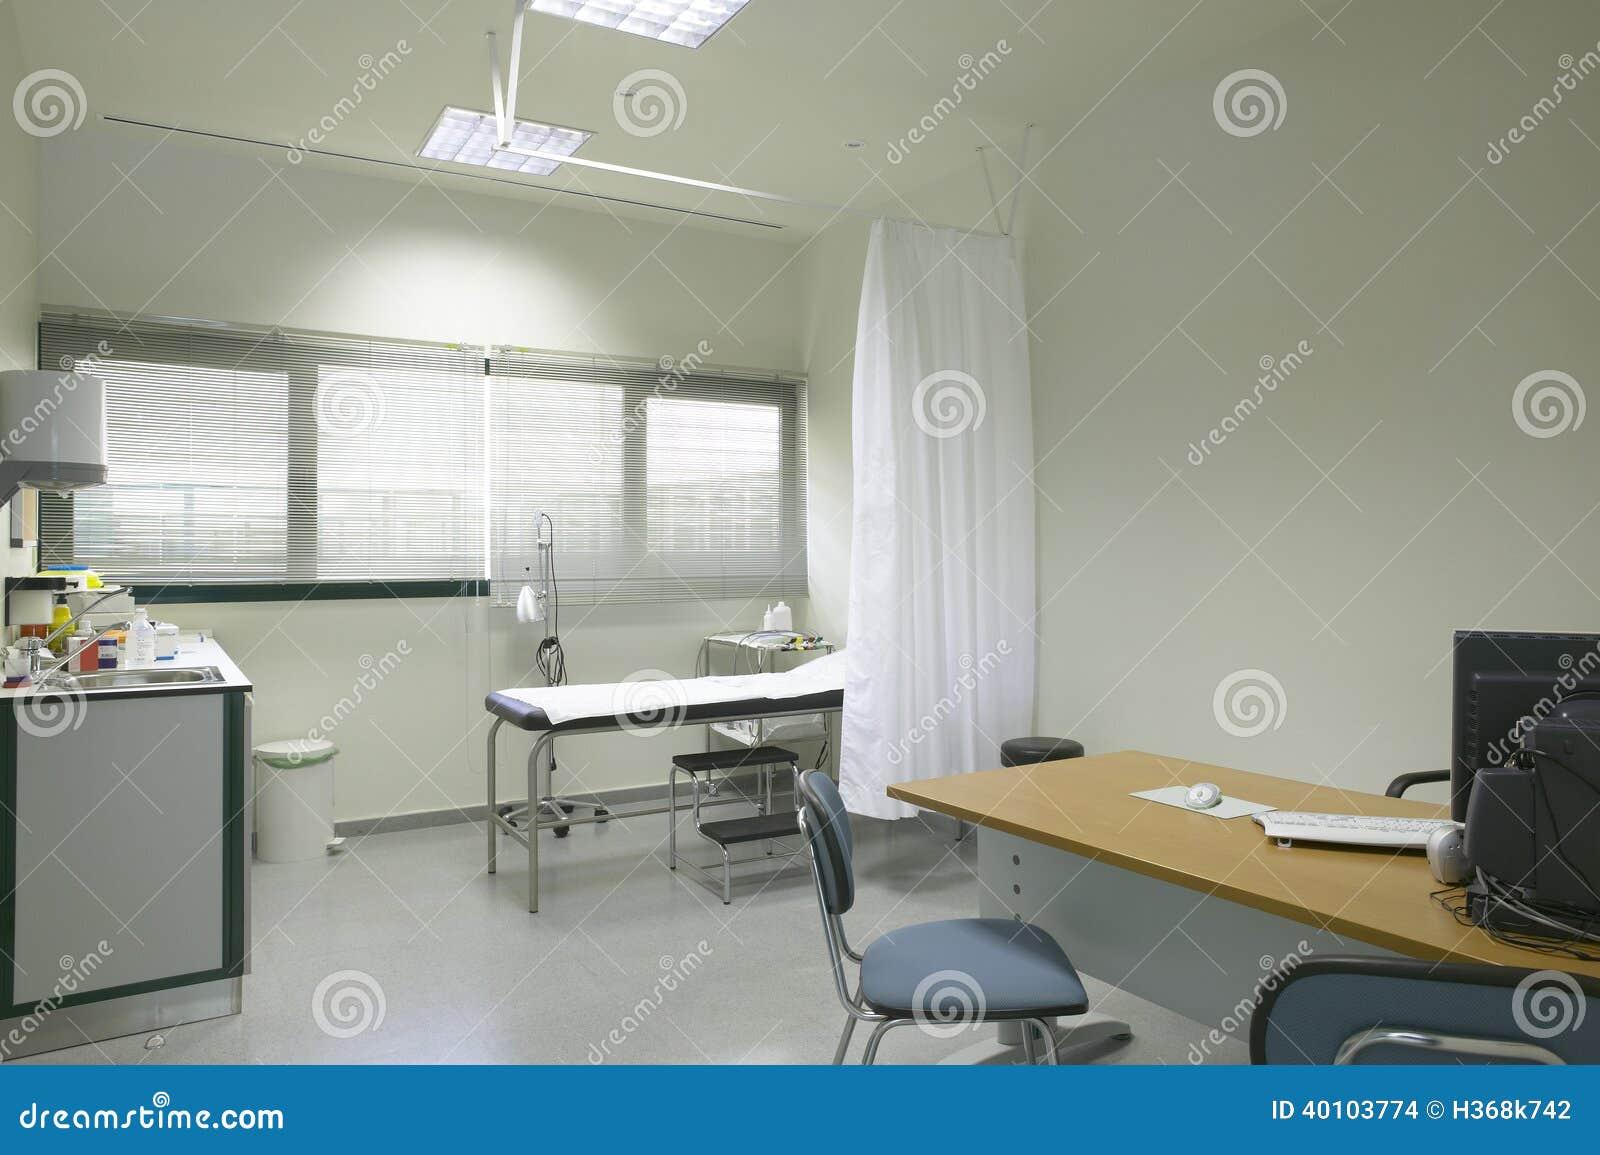 Интерьер комнаты доктора с оборудованием и мебелью.